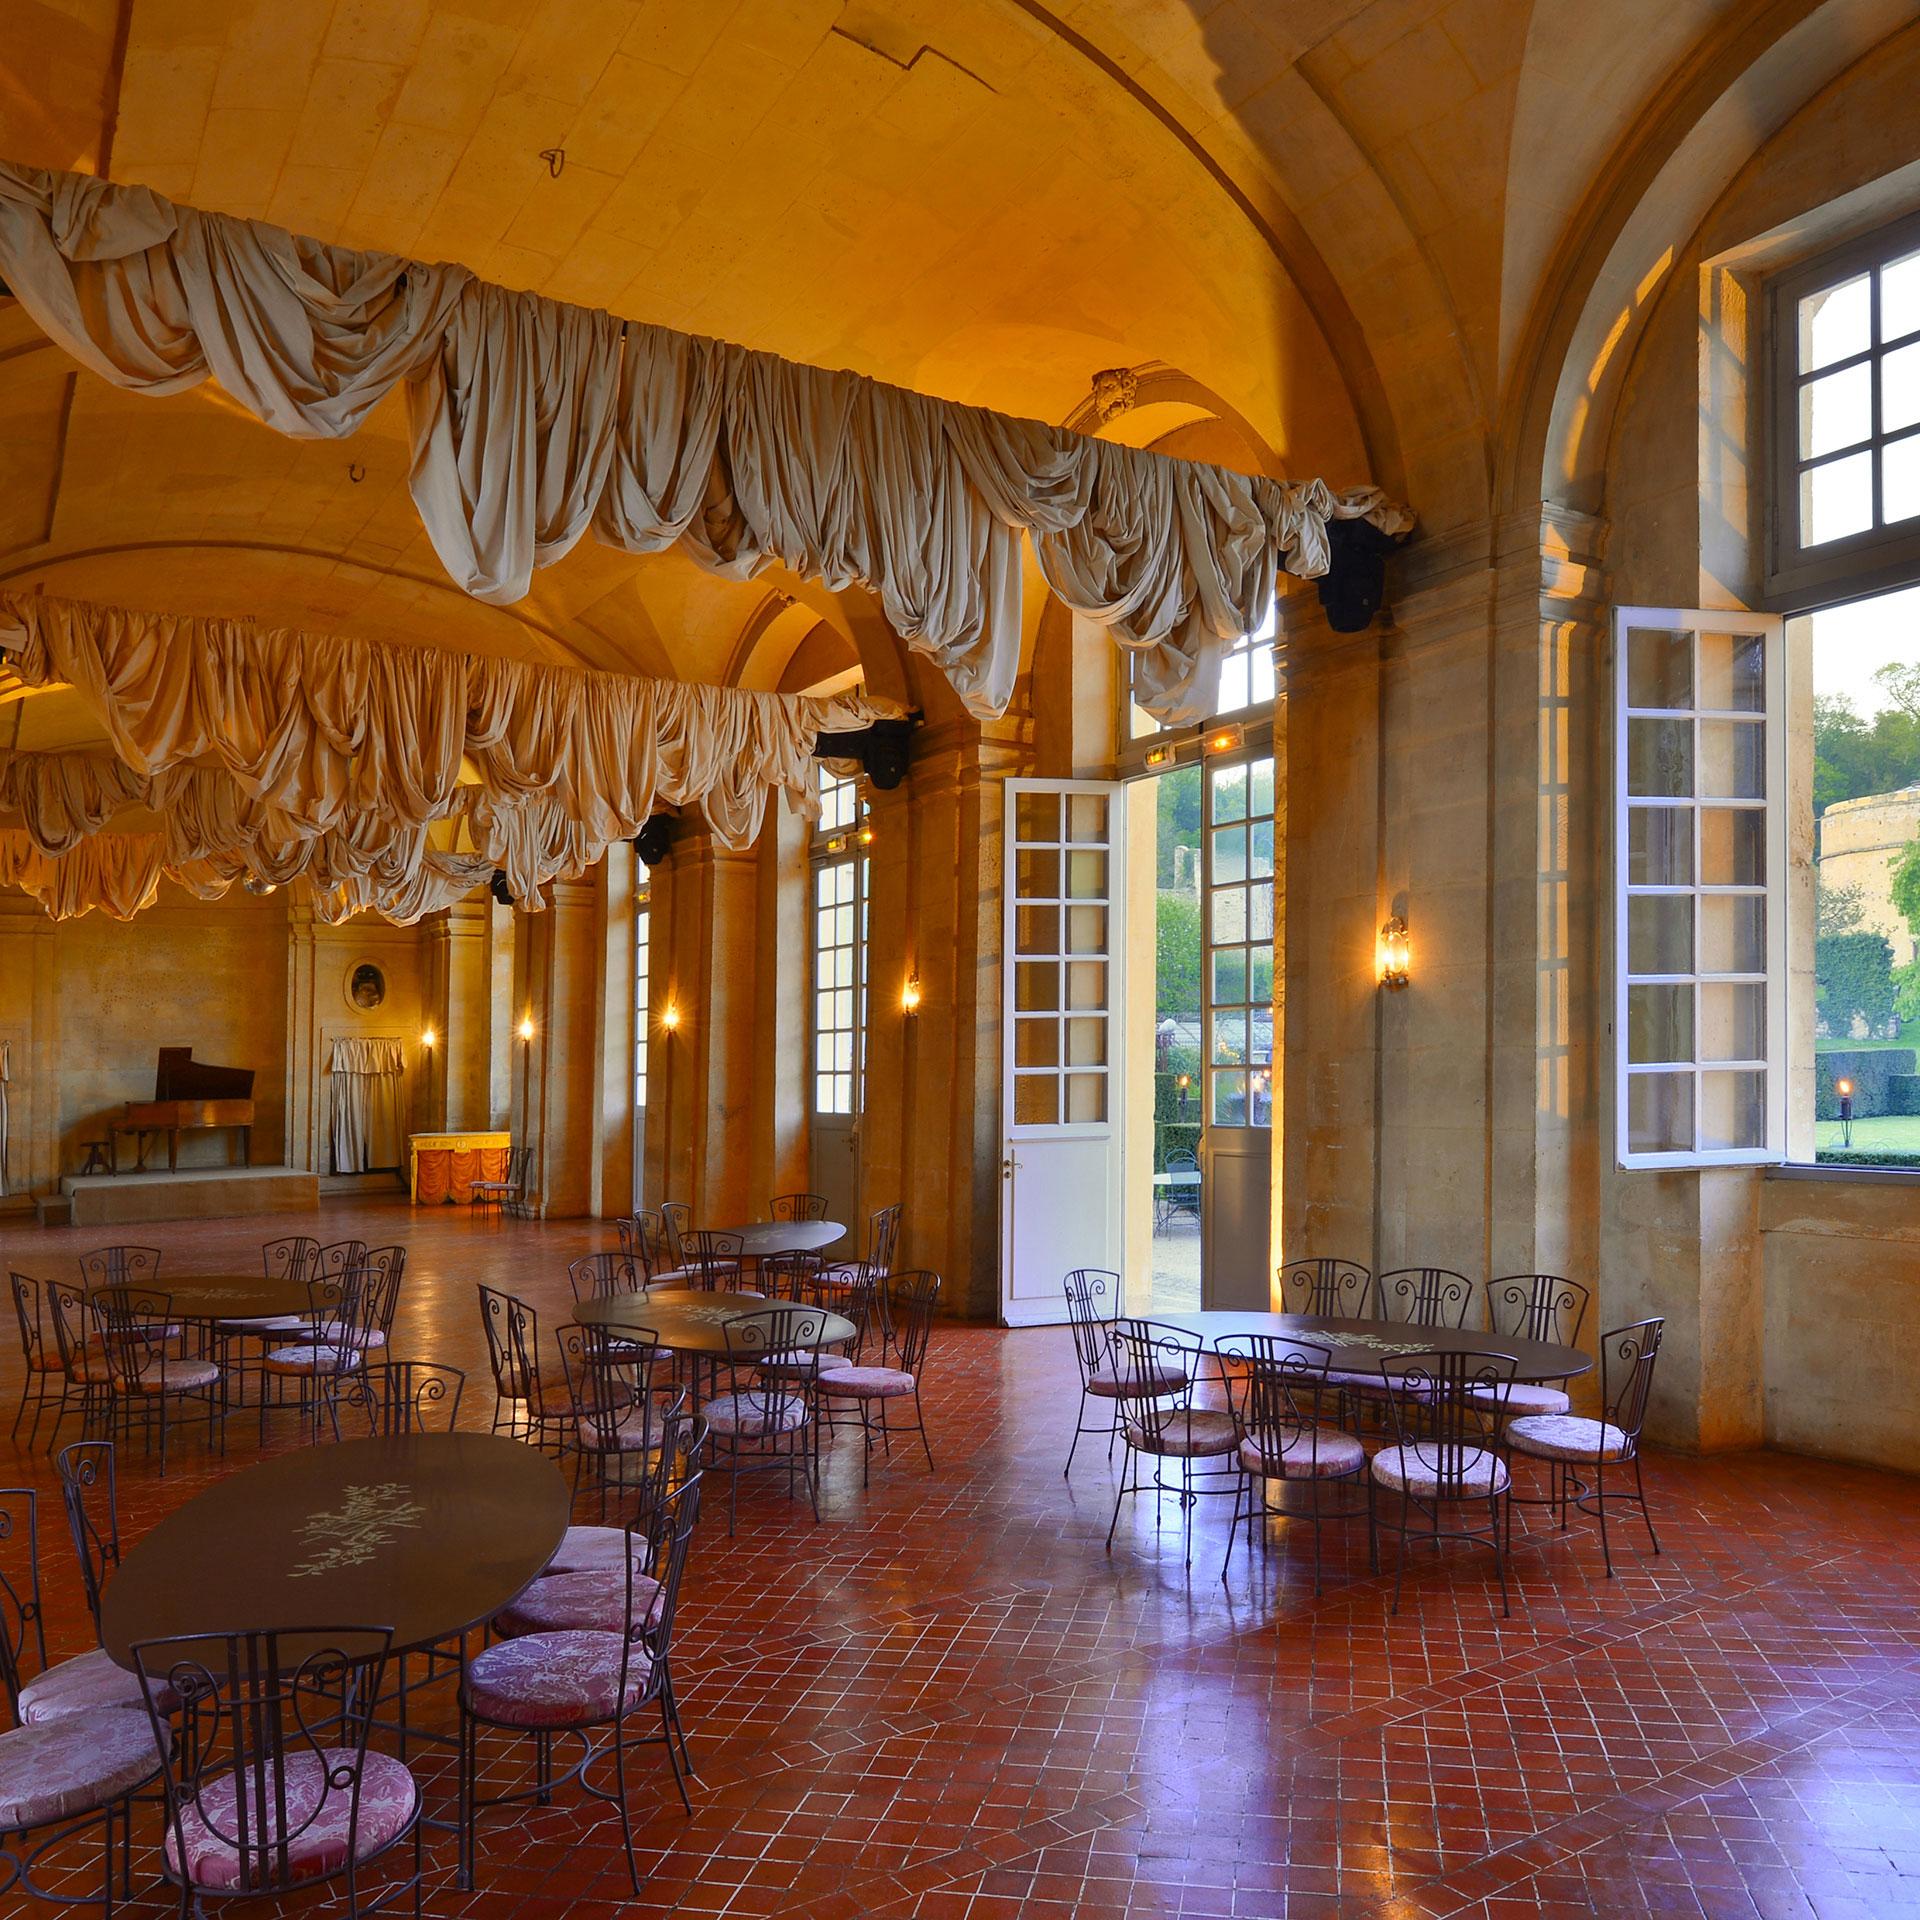 Une des salles historiques de la Renaissance du lieu